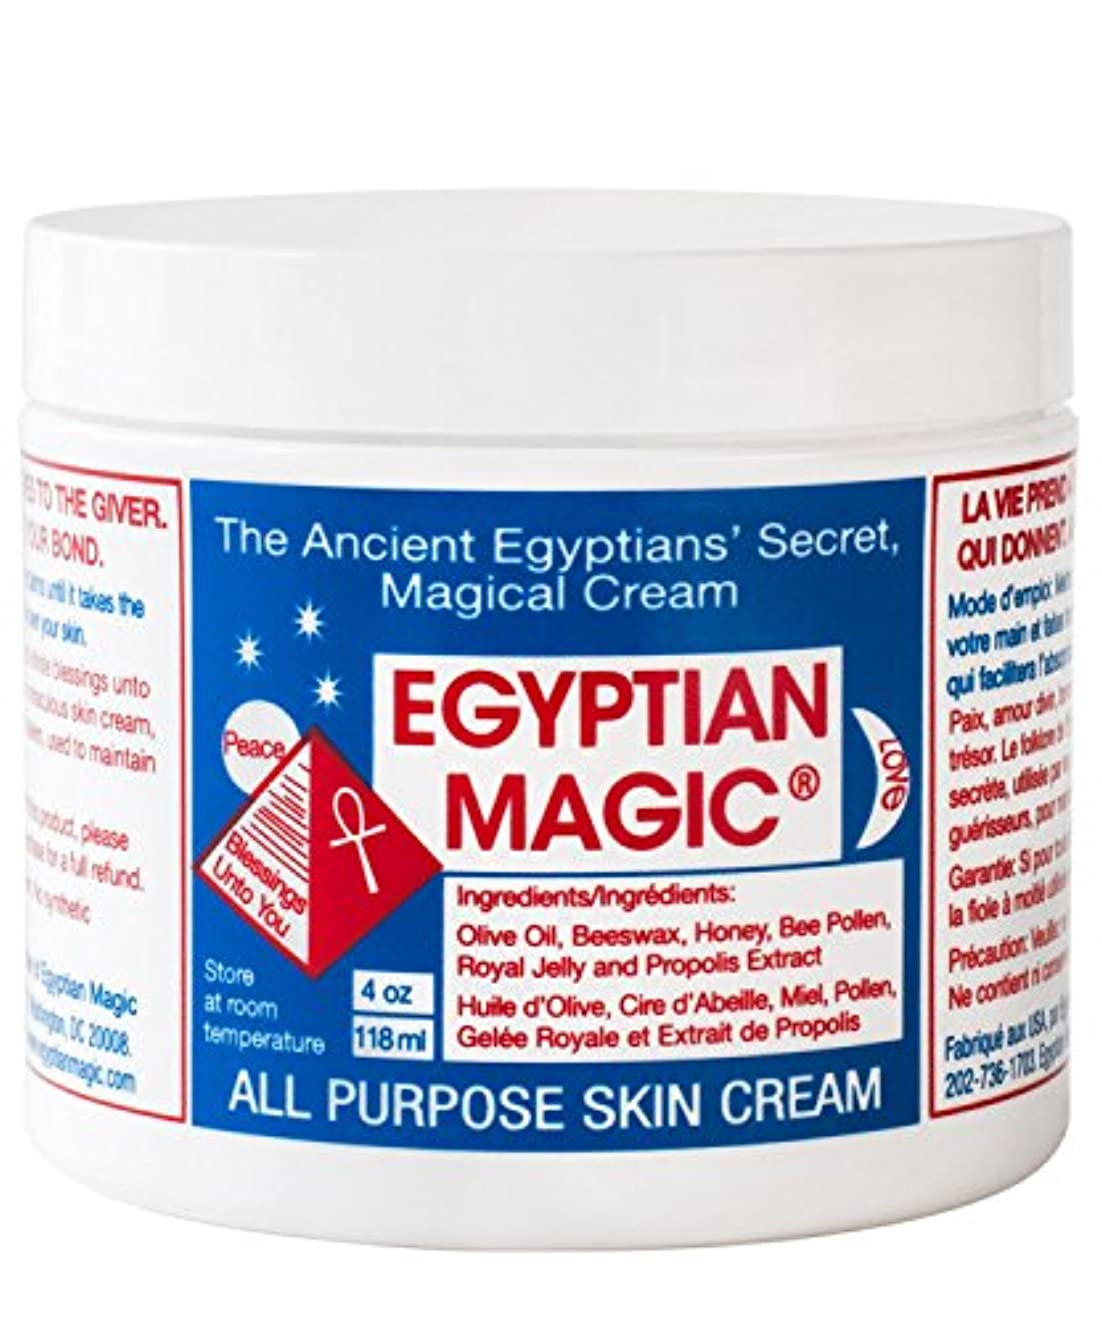 広まった学生旅行者エジプトの魔法の万能スキンクリーム118ミリリットル x4 - Egyptian Magic All Purpose Skin Cream 118ml (Pack of 4) [並行輸入品]